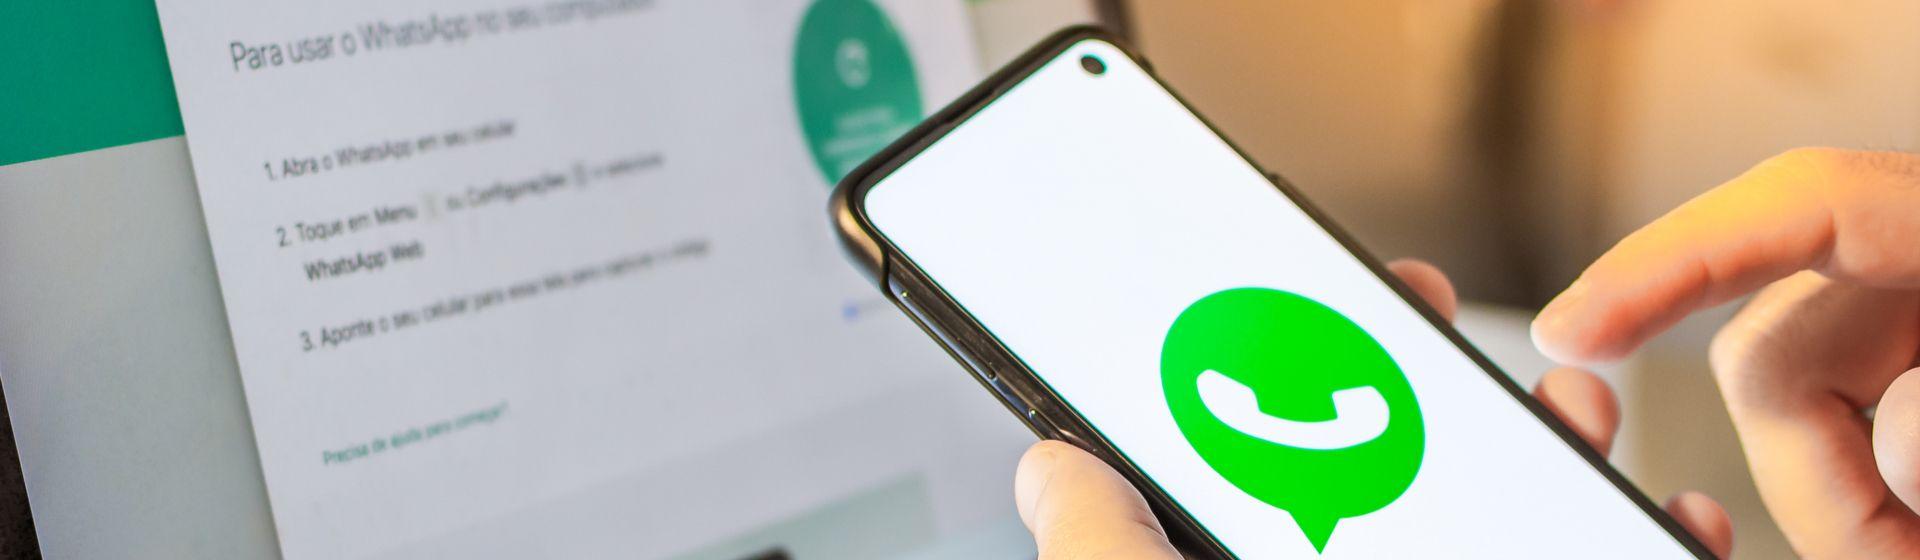 Como fazer chamada de vídeo pelo WhatsApp Web? Veja tutorial